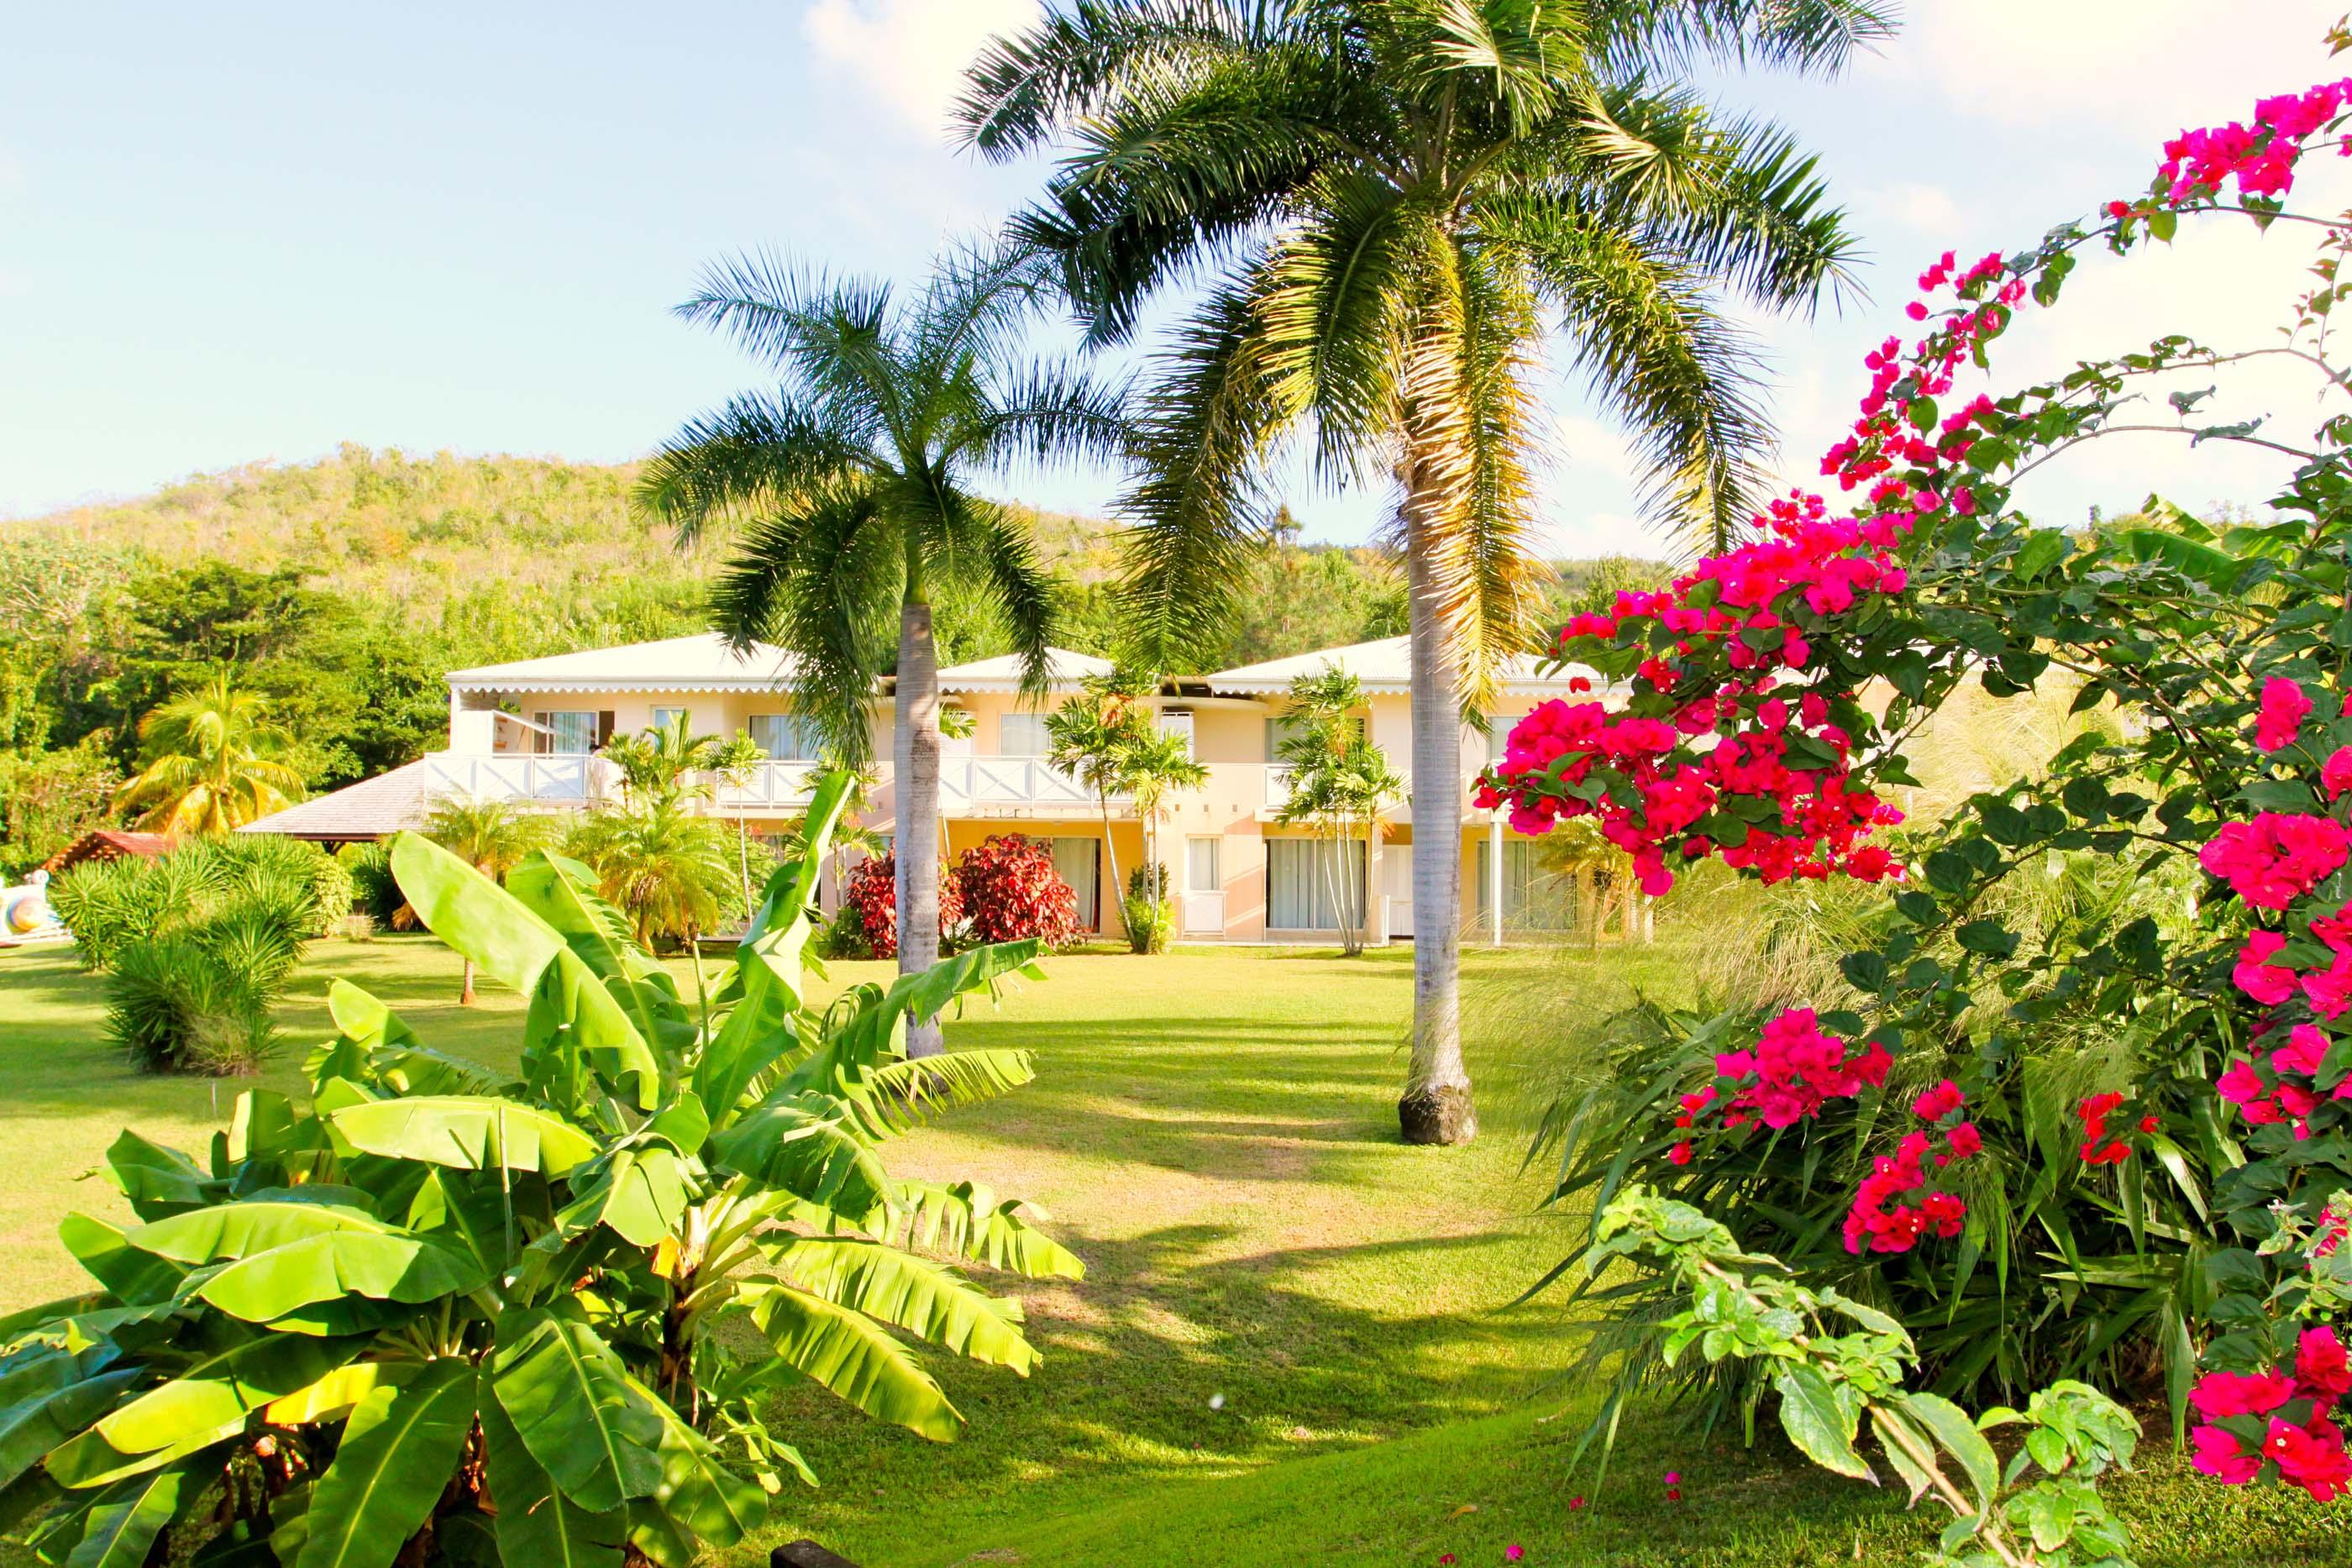 Karibea sainte luce resort vacances aux antilles - Sainte luce martinique office du tourisme ...